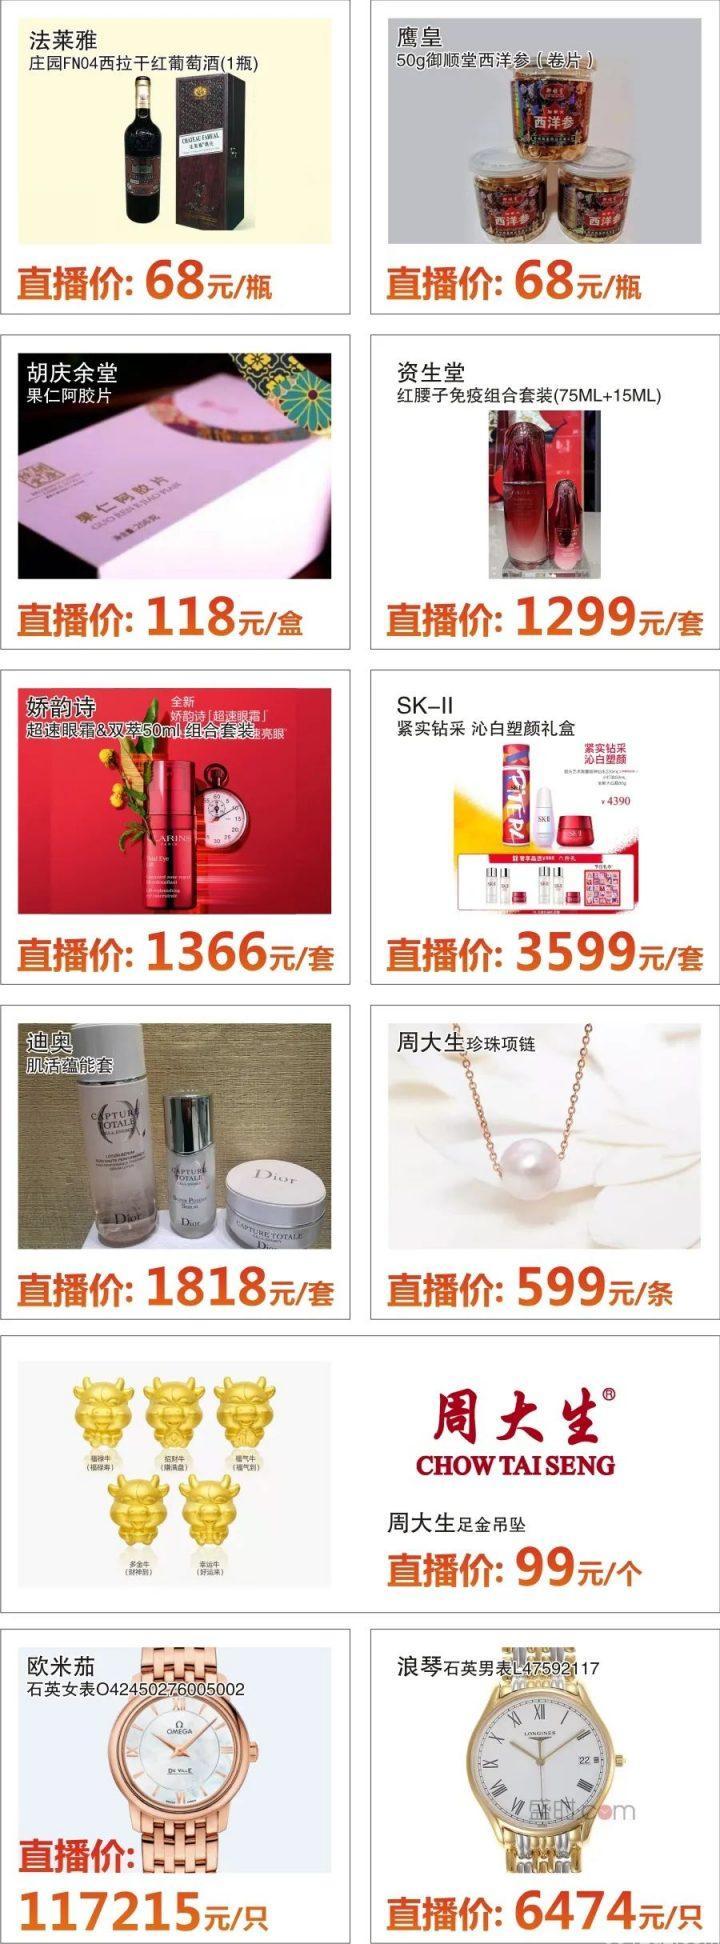 昆山商厦32周年店庆预售直播